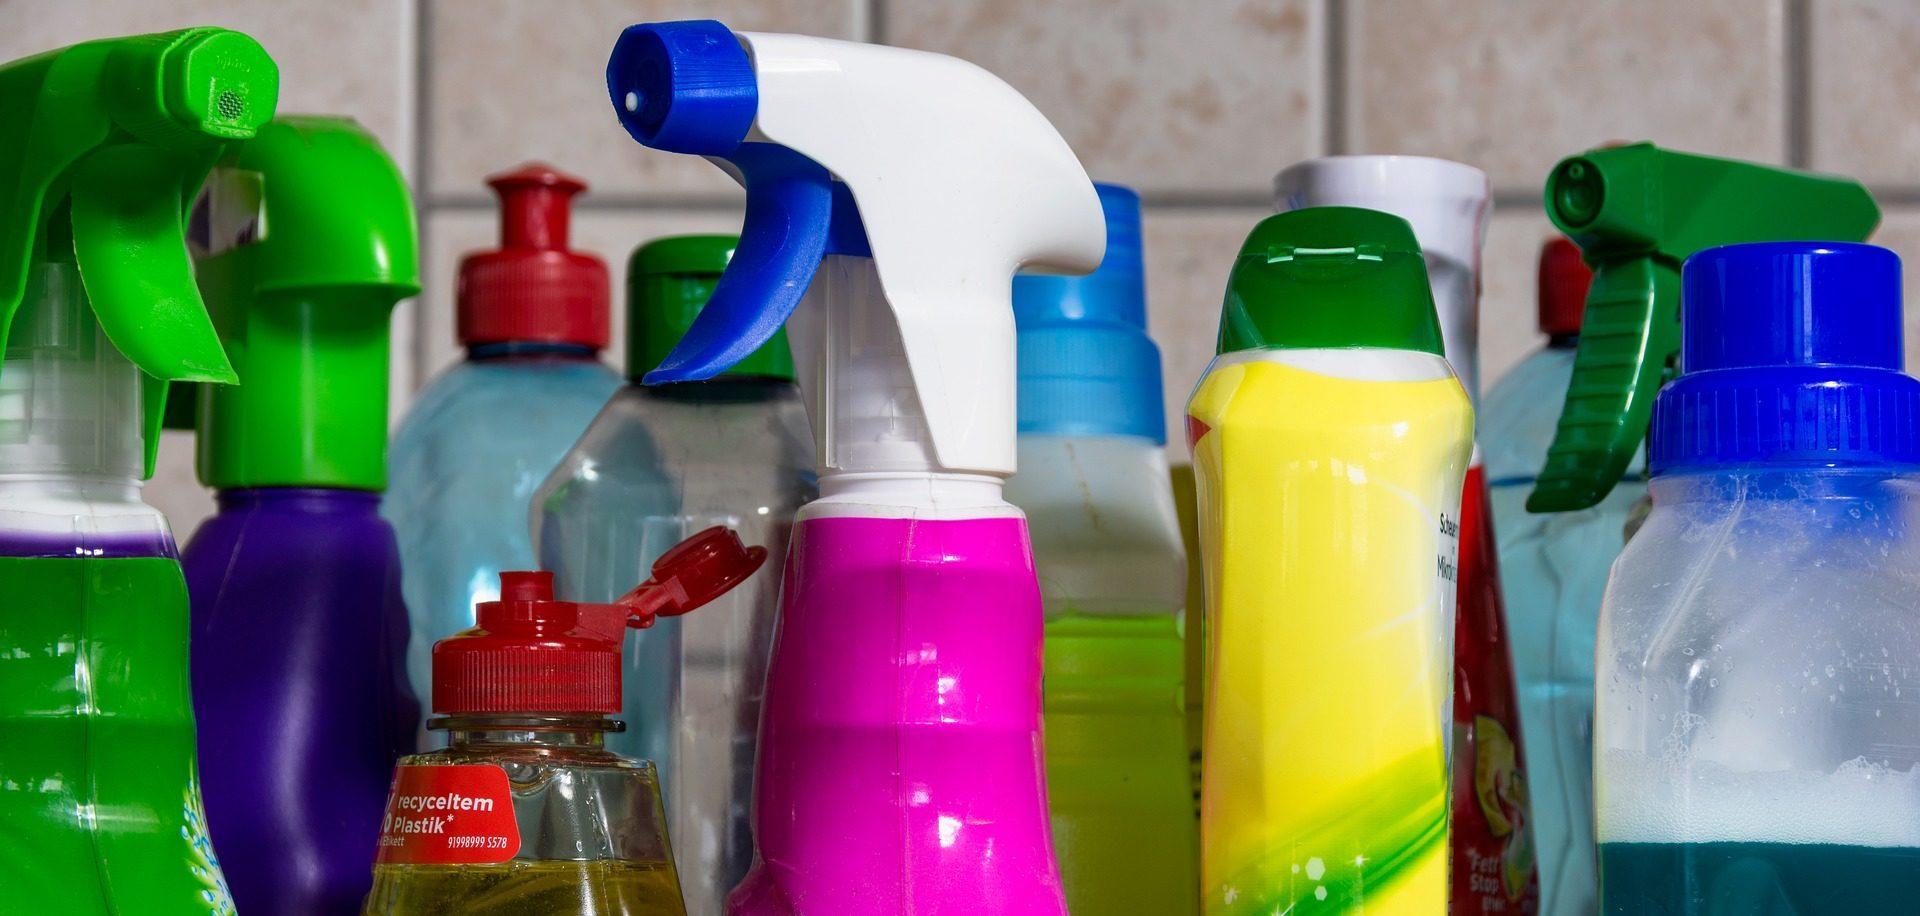 El peligro de mezclar productos de limpieza diferentes